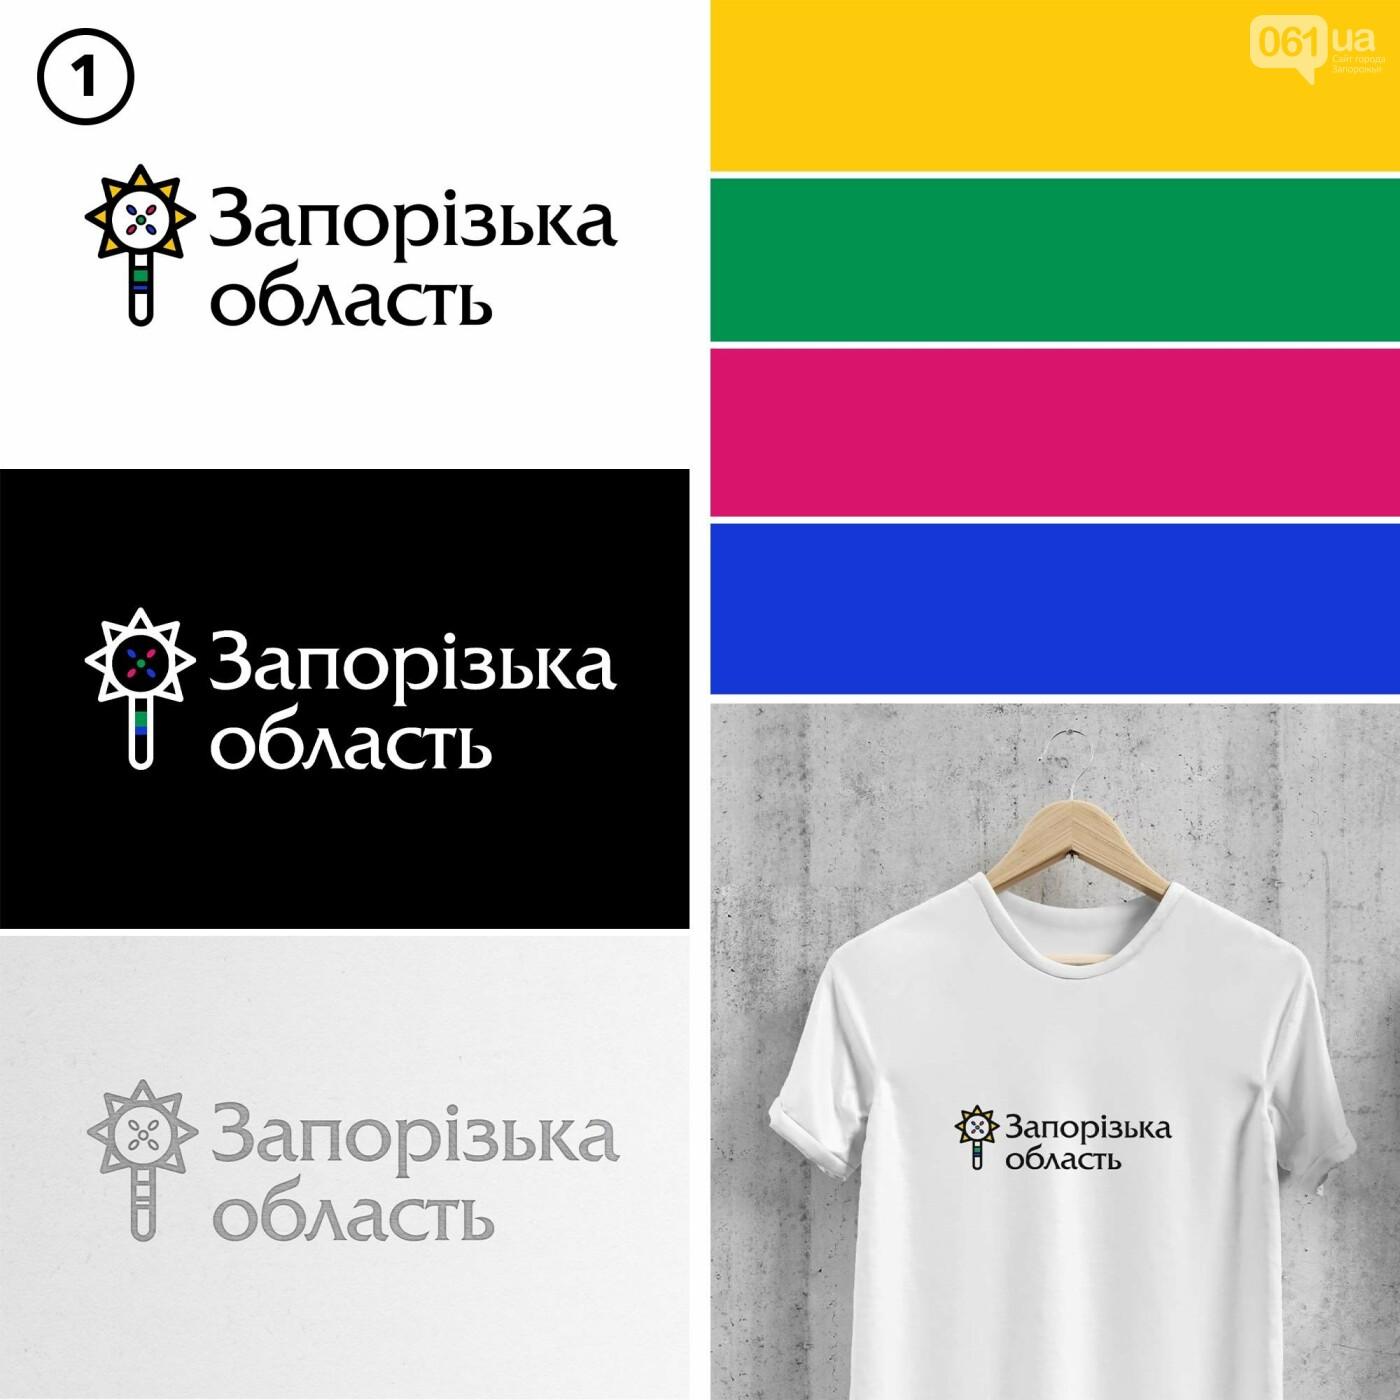 Булава, церковь на Хортице и компас: стартовало голосование за логотип и айдентику Запорожской области, фото-1